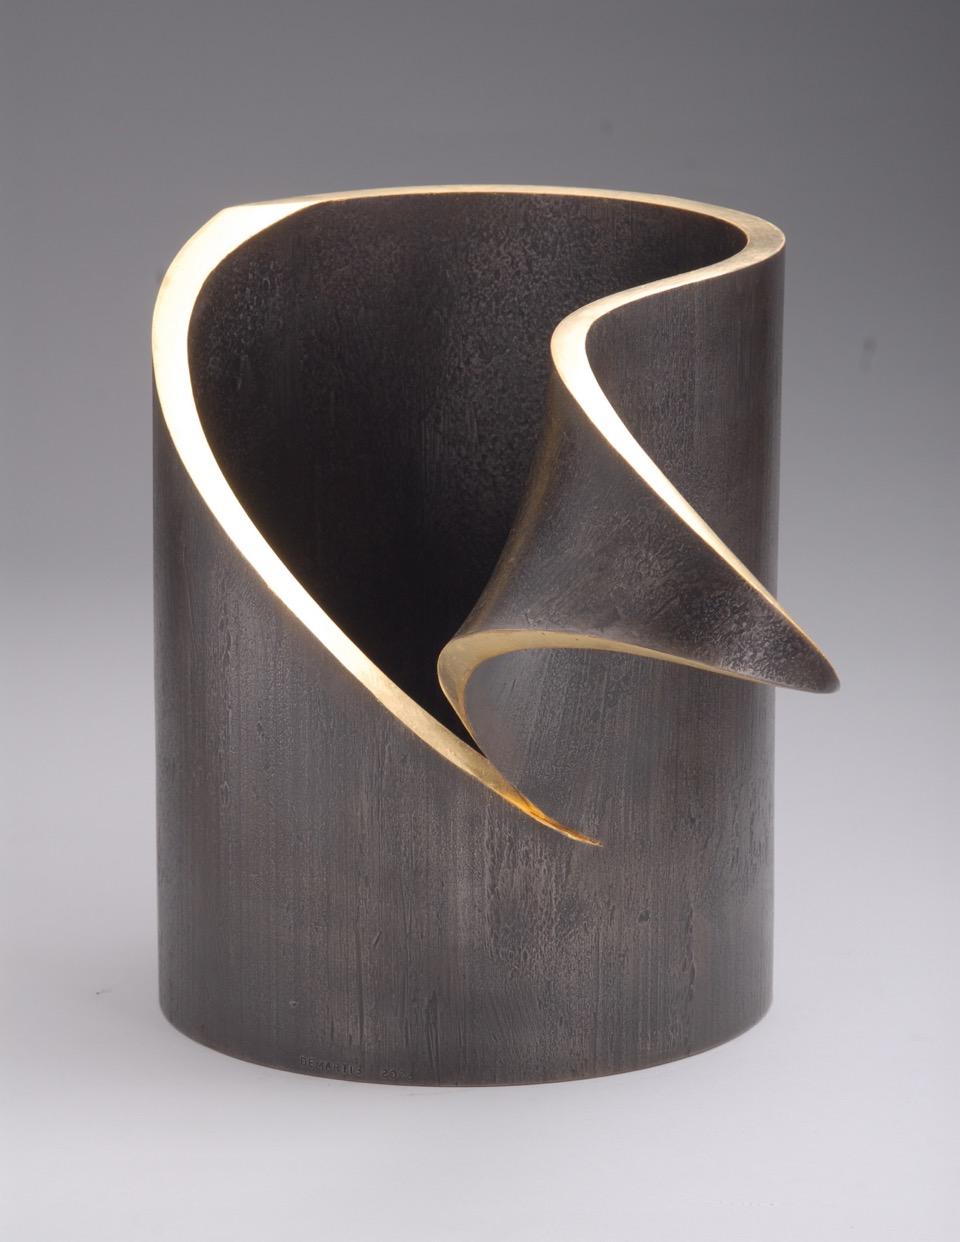 Peel Me, 2005, steel, gold leaf, 14 x 14 x 9 in, $4,500